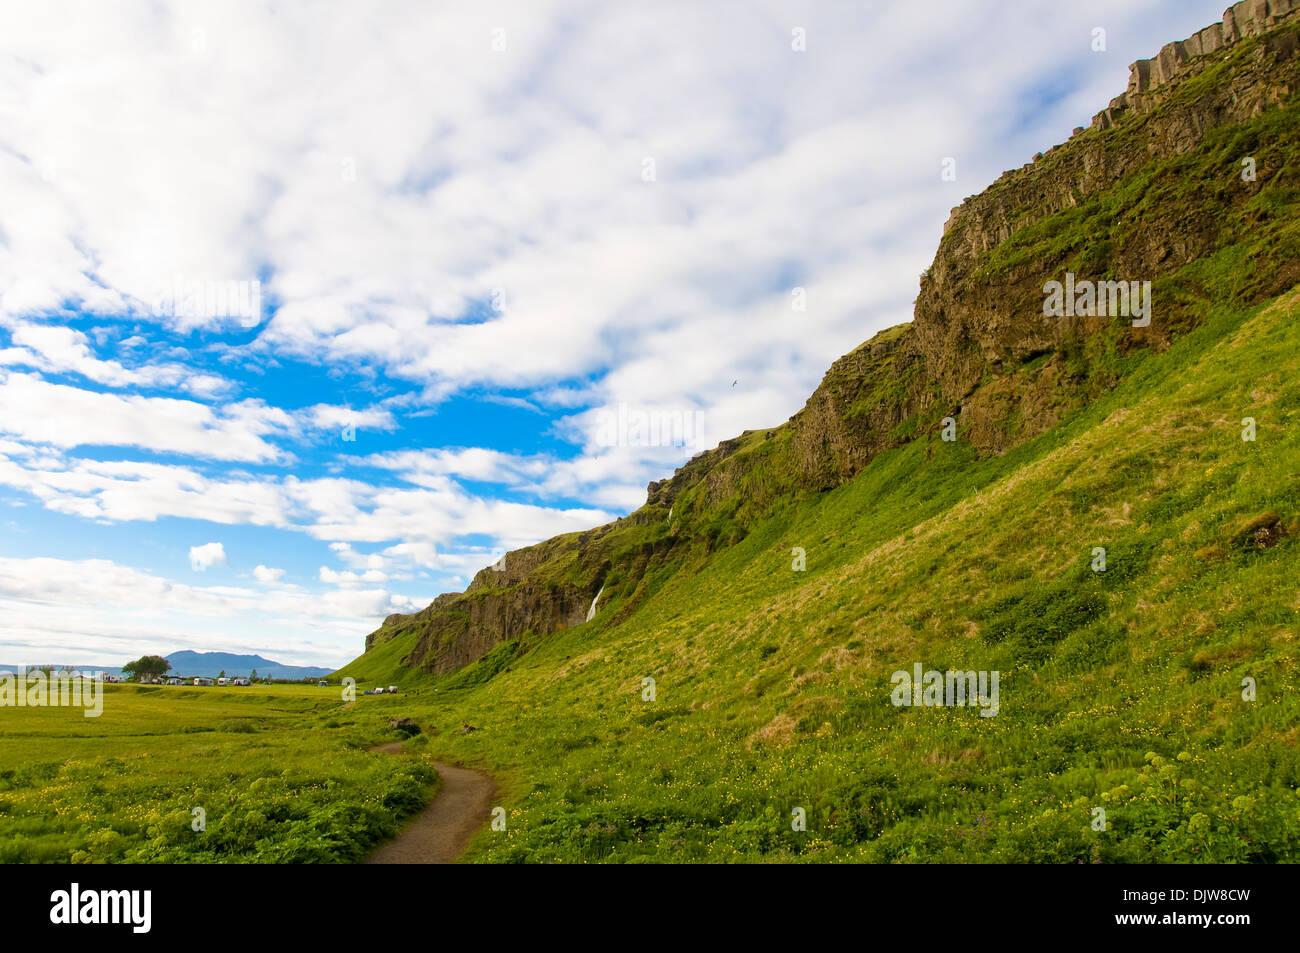 Rocky Scarp, Seljalandsfoss, Iceland - Stock Image